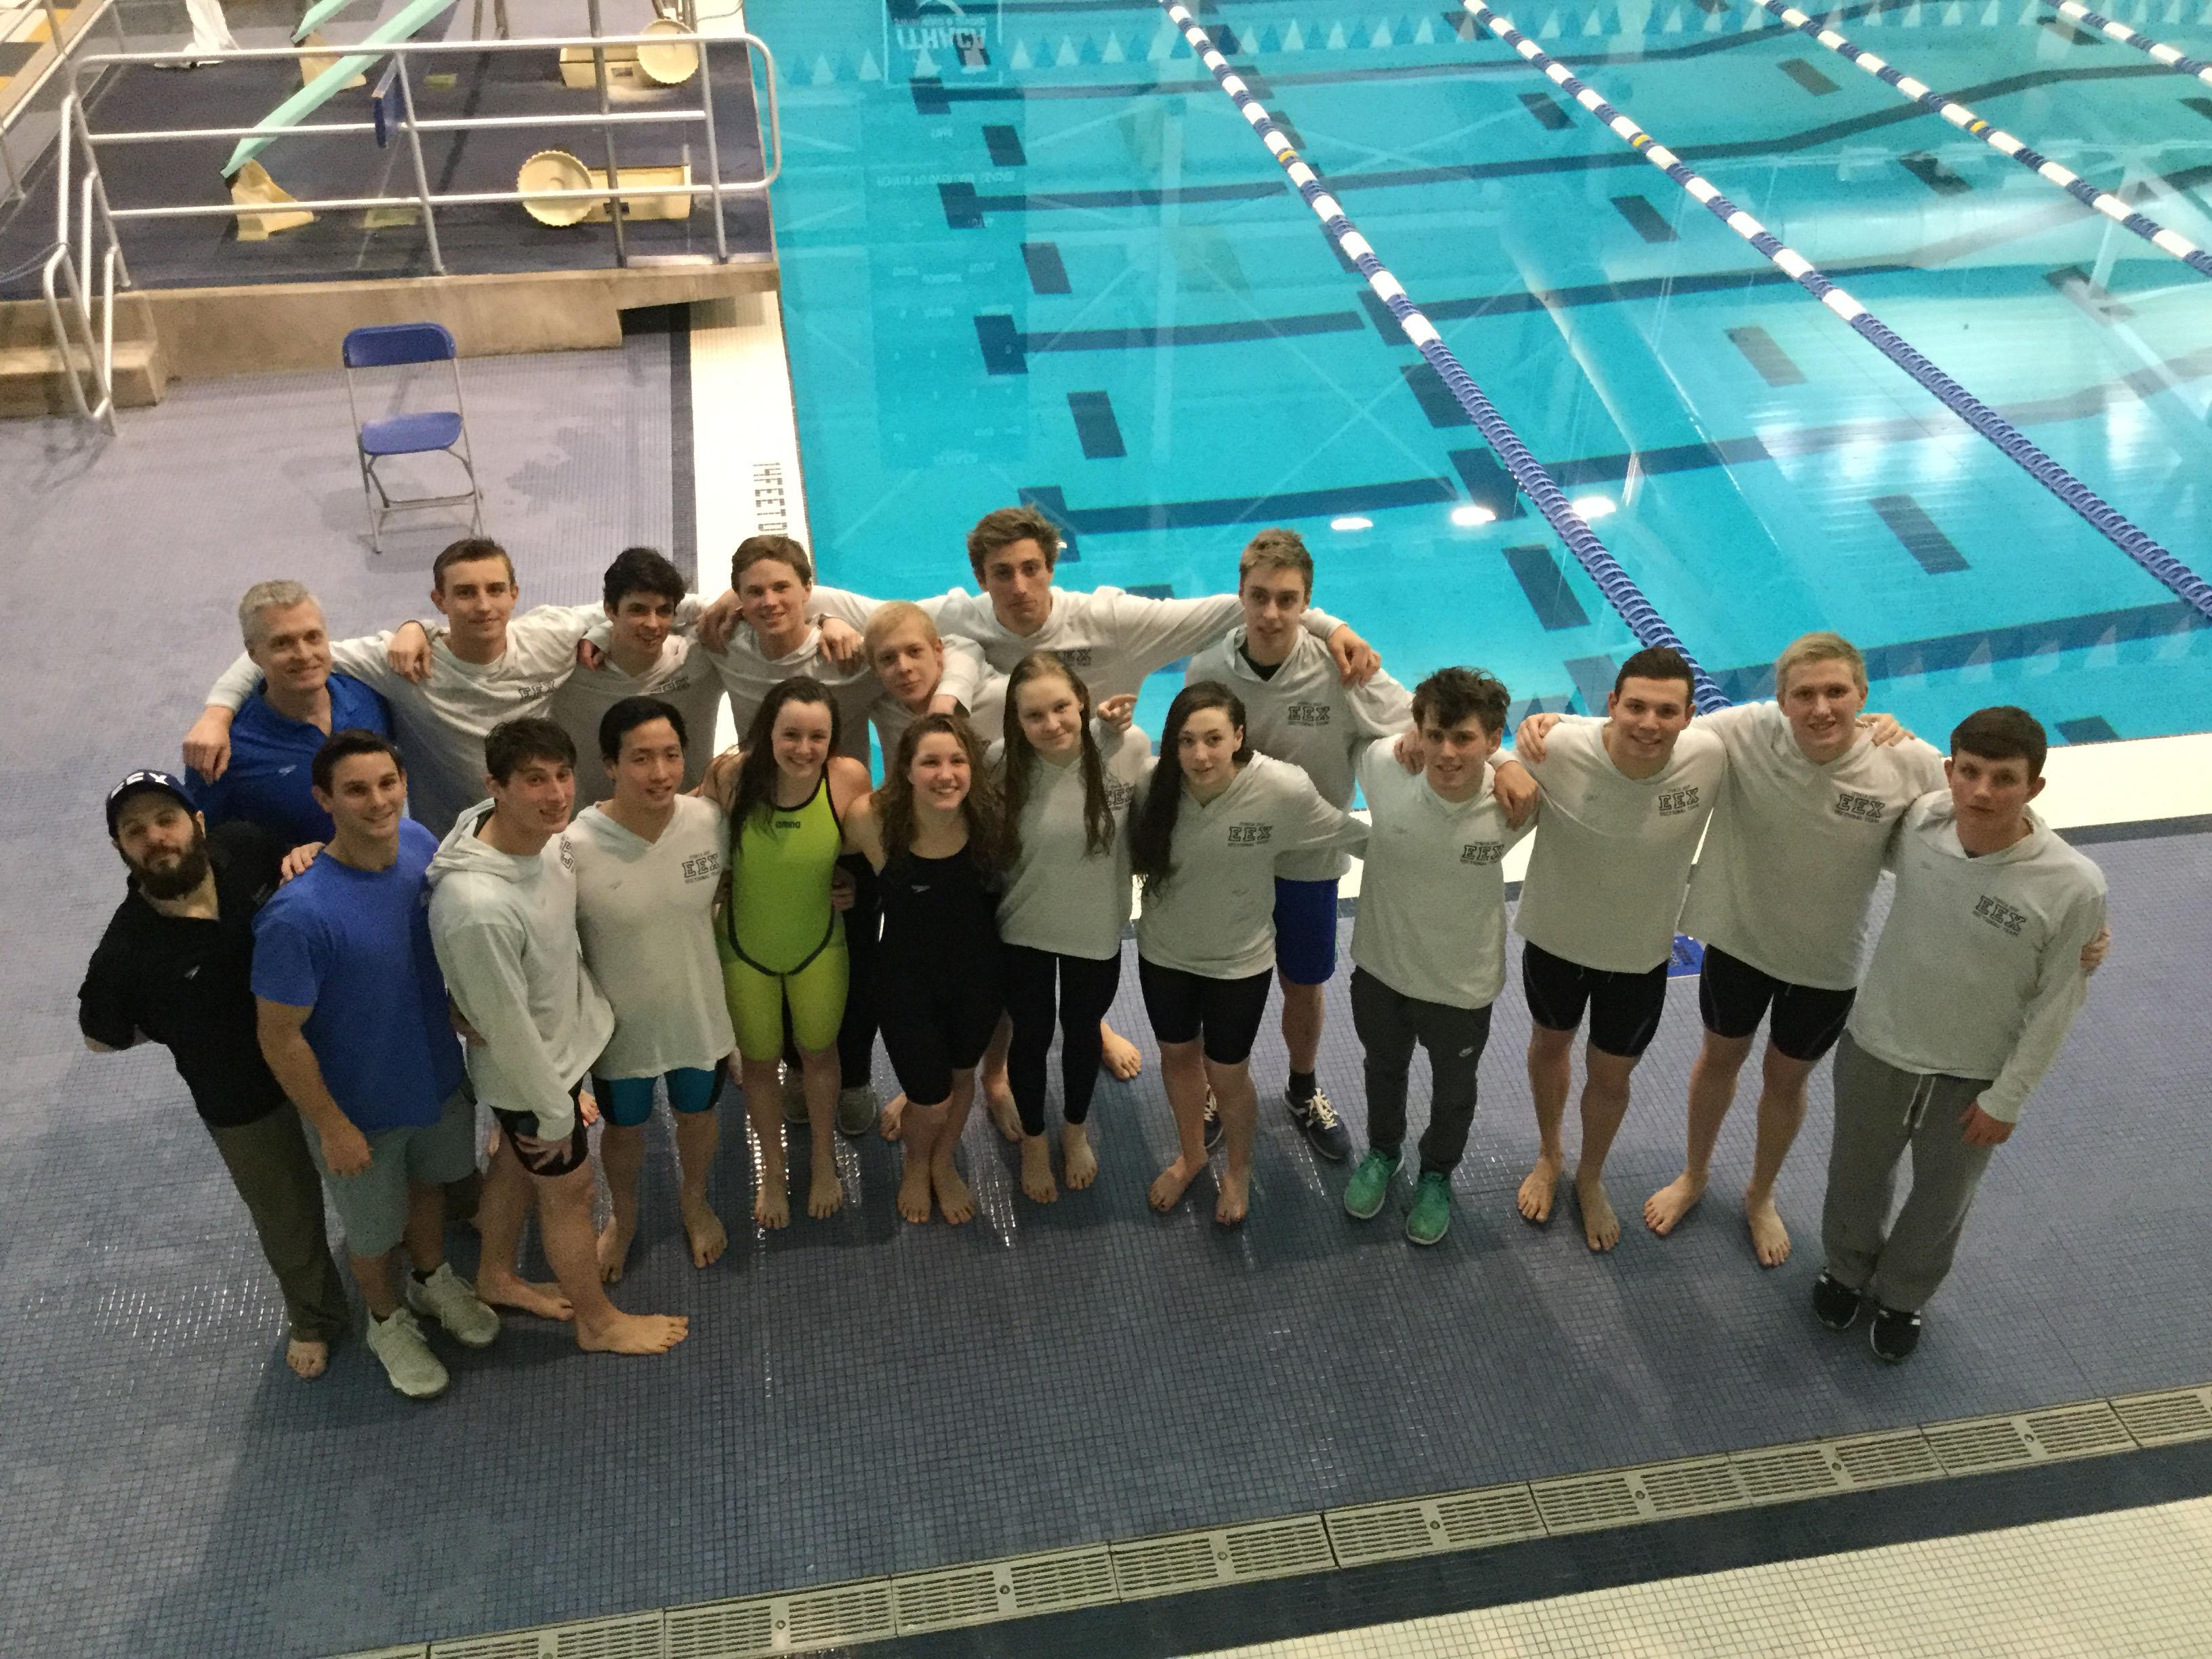 Eastern Express Swimming Princeton Nj